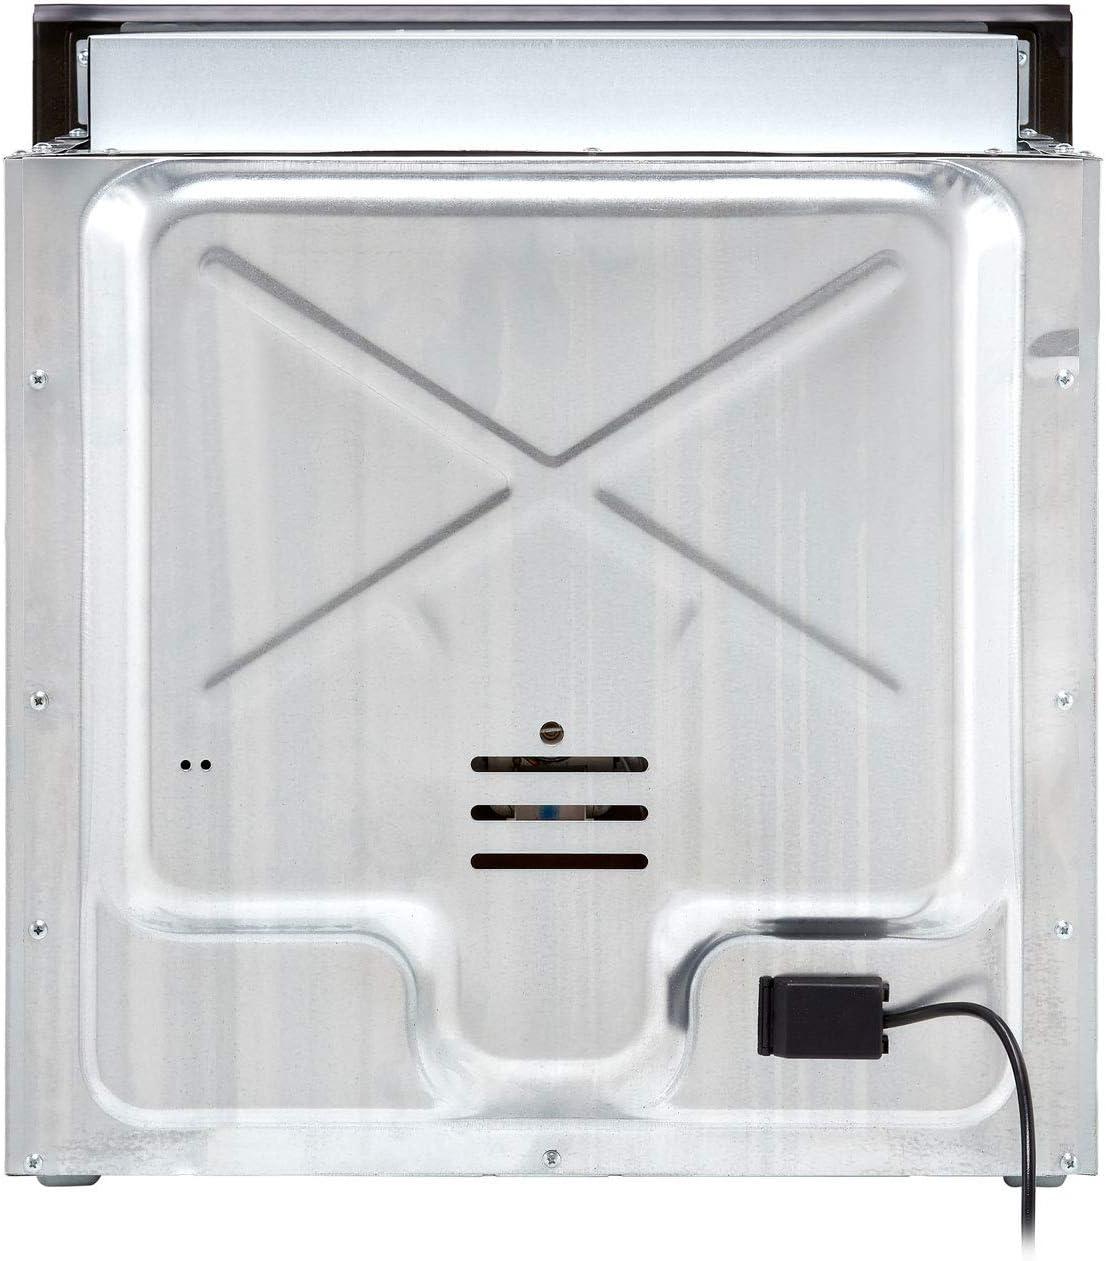 Horno eléctrico con ventilador multifunción, 8 funciones, 65 ...